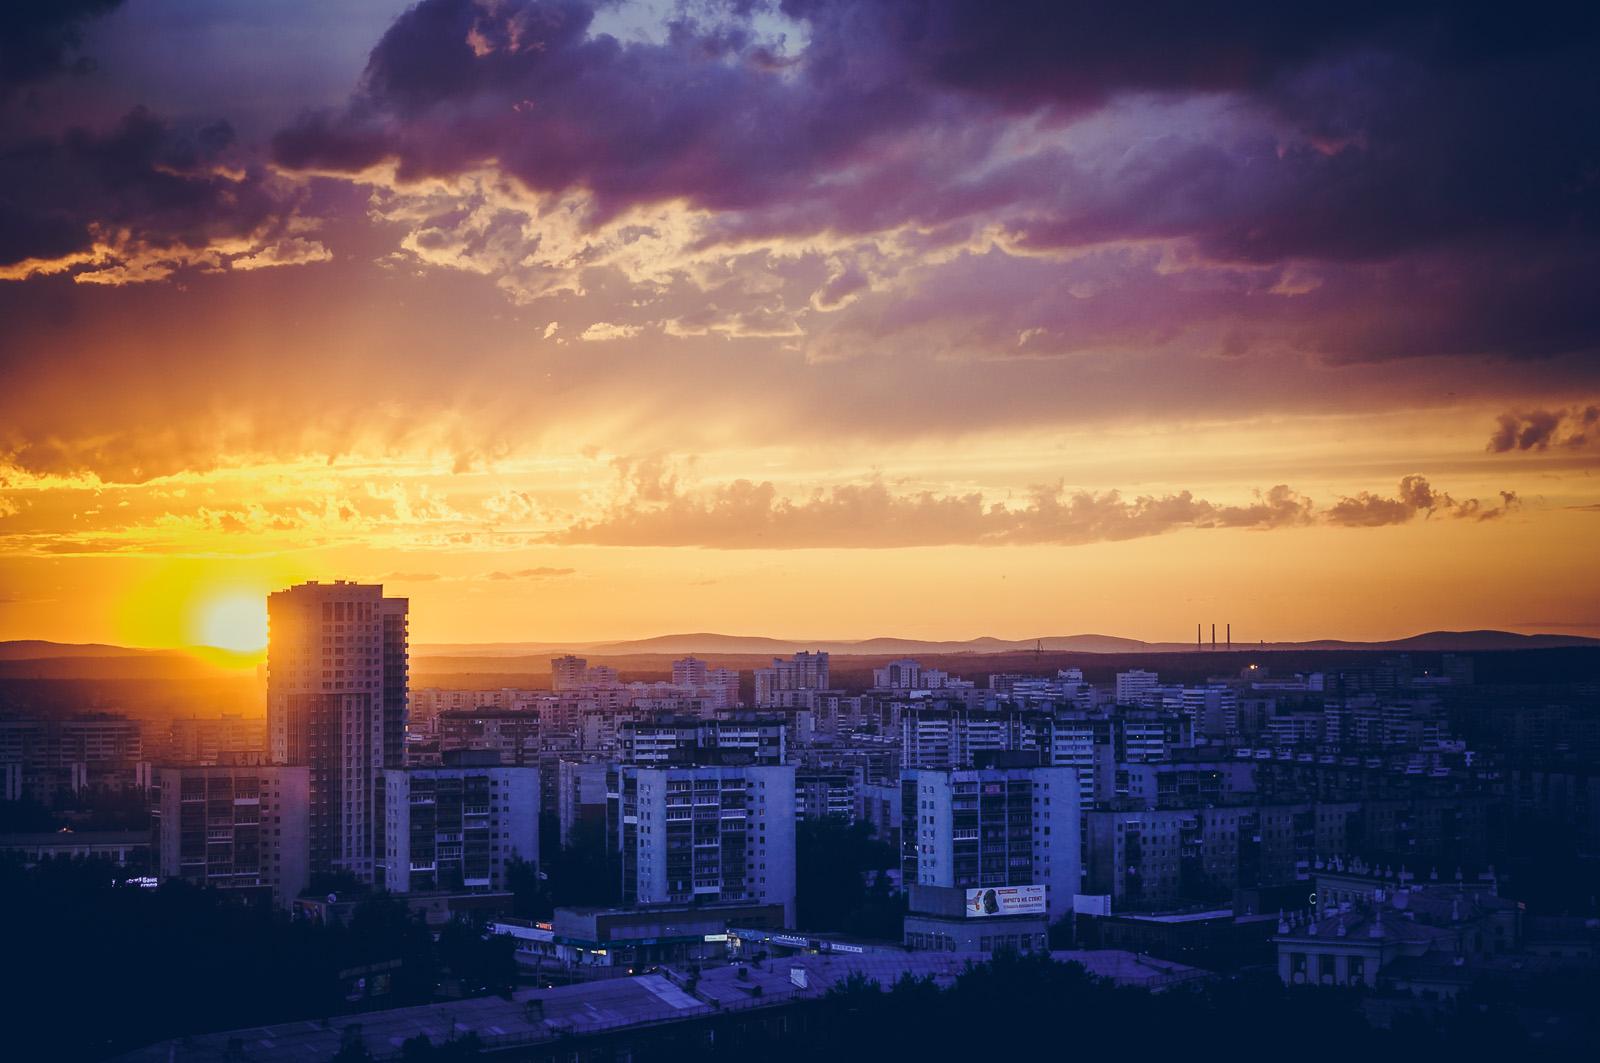 Все на улицу: выходные в Екатеринбурге будут солнечными и теплыми